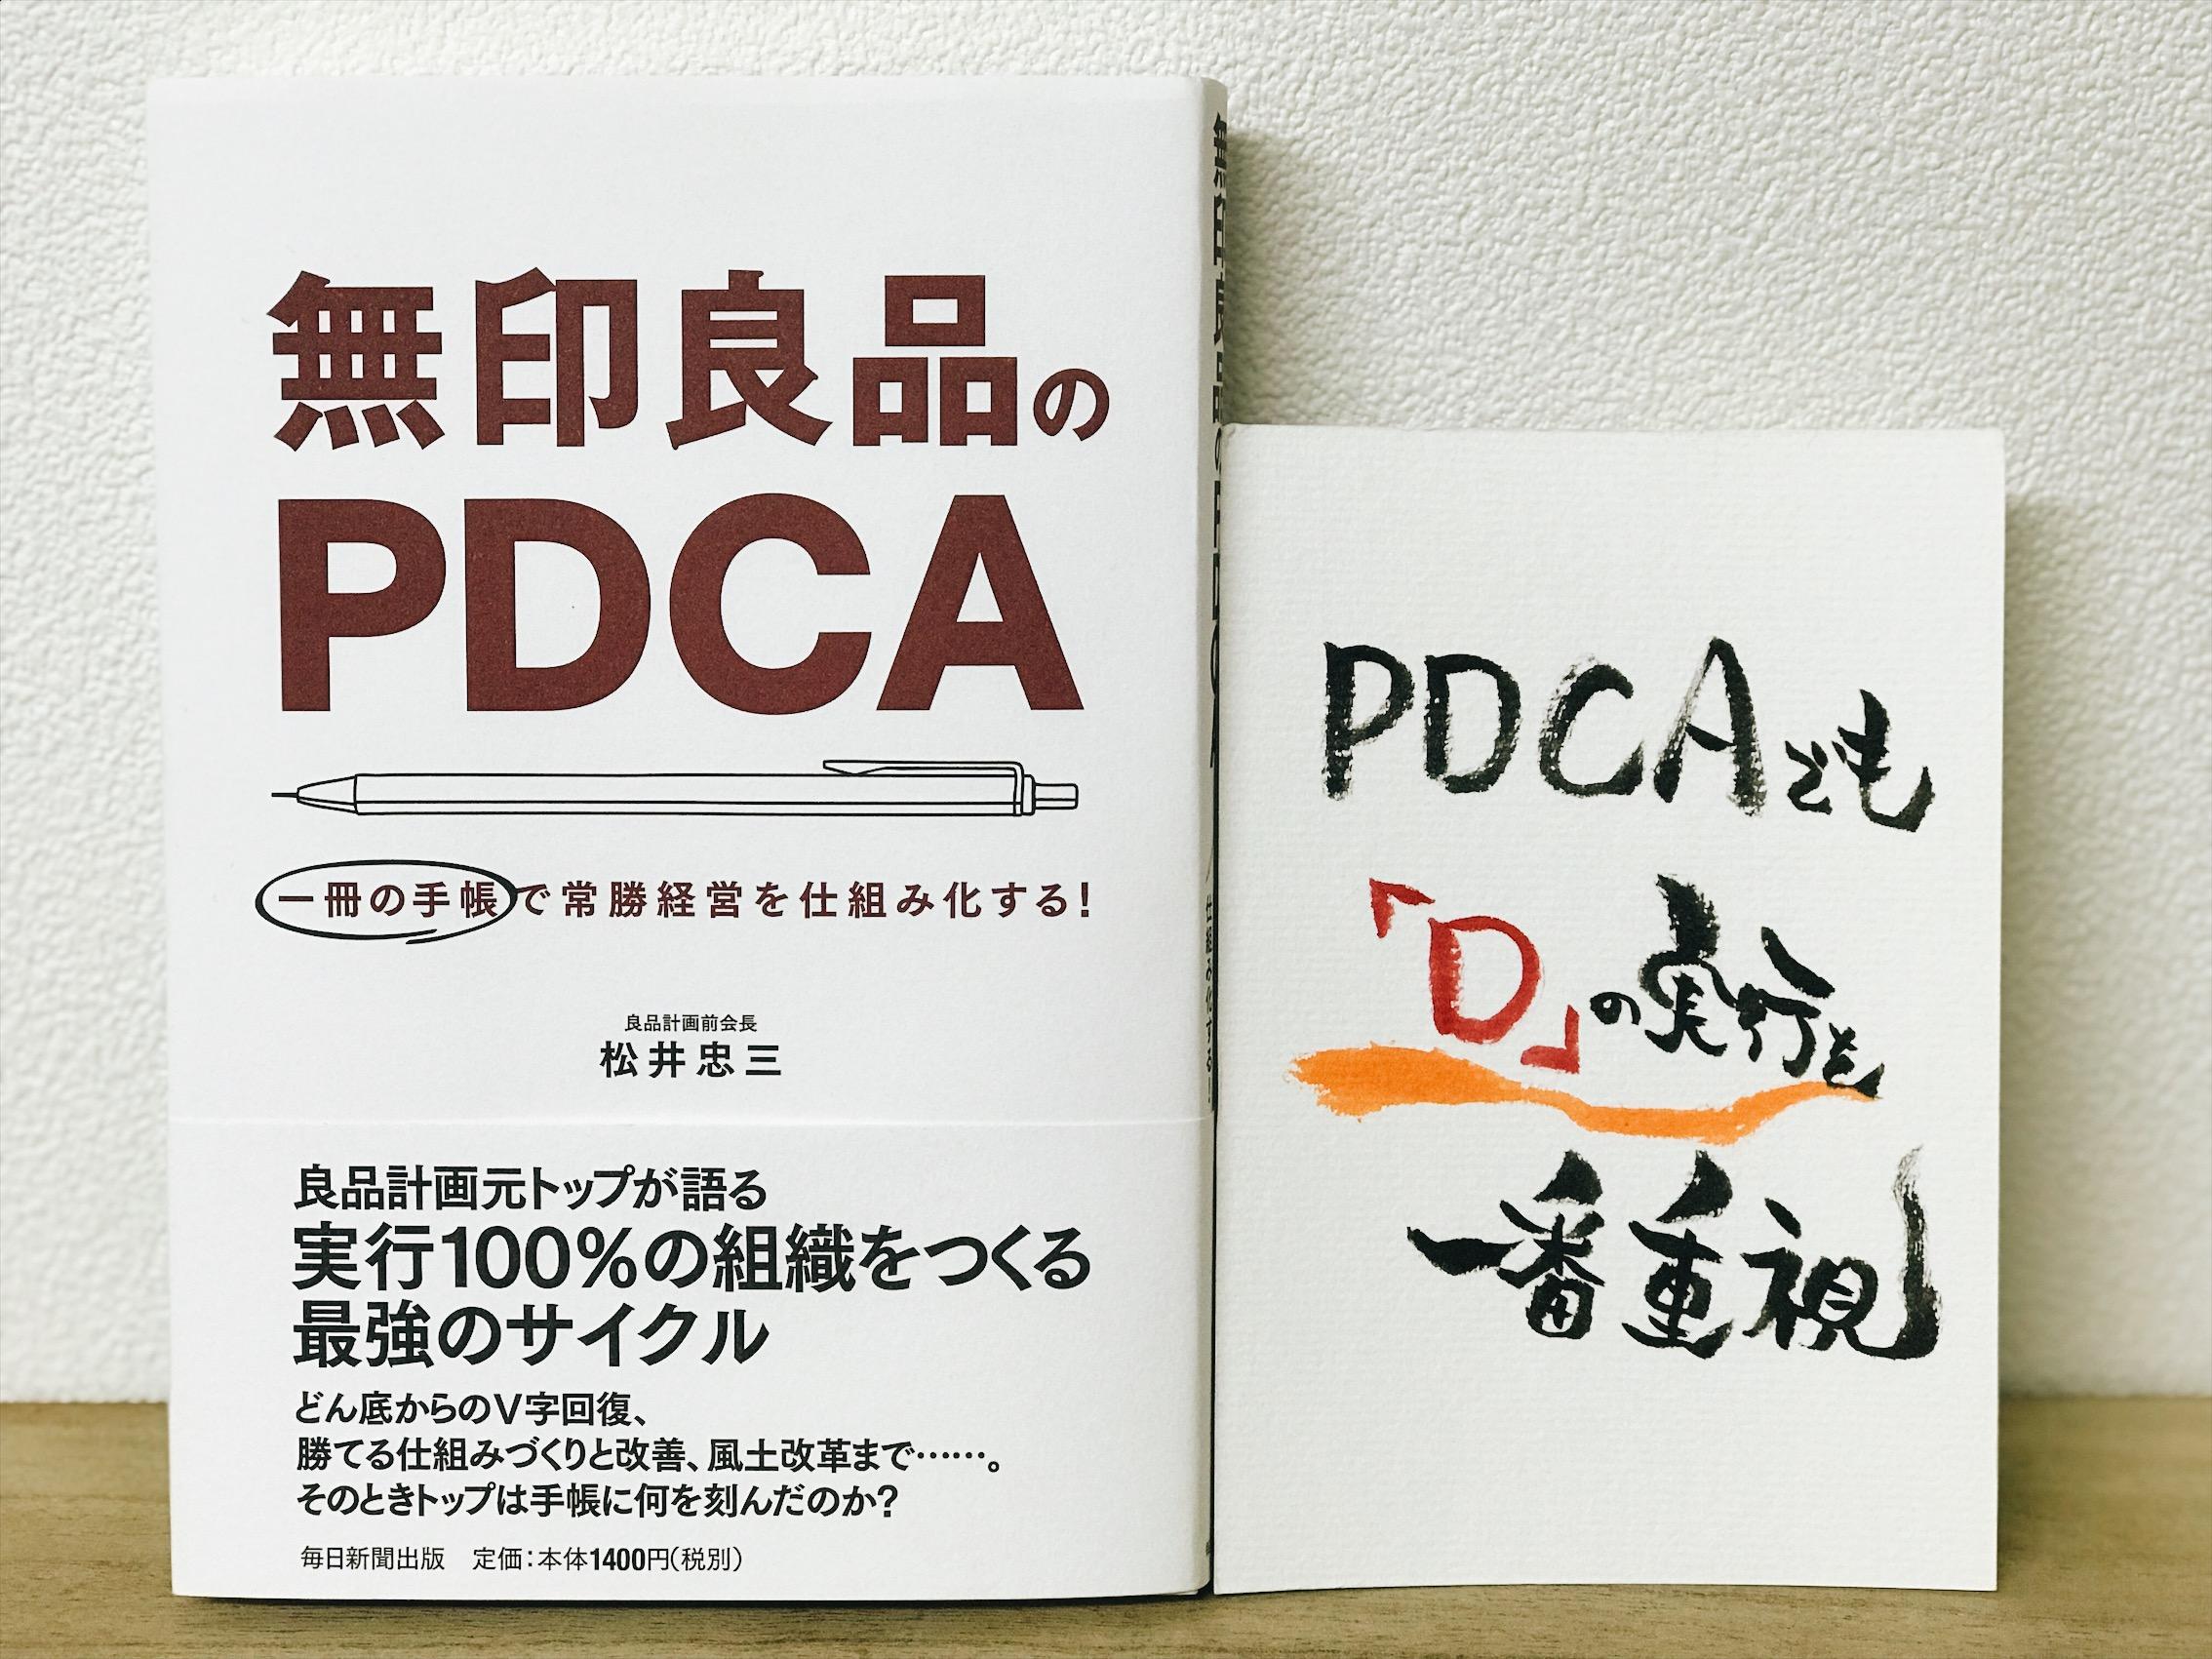 「無印良品のPDCA」松井忠三→【感想】手帳で時代の小さな変化を感じとる